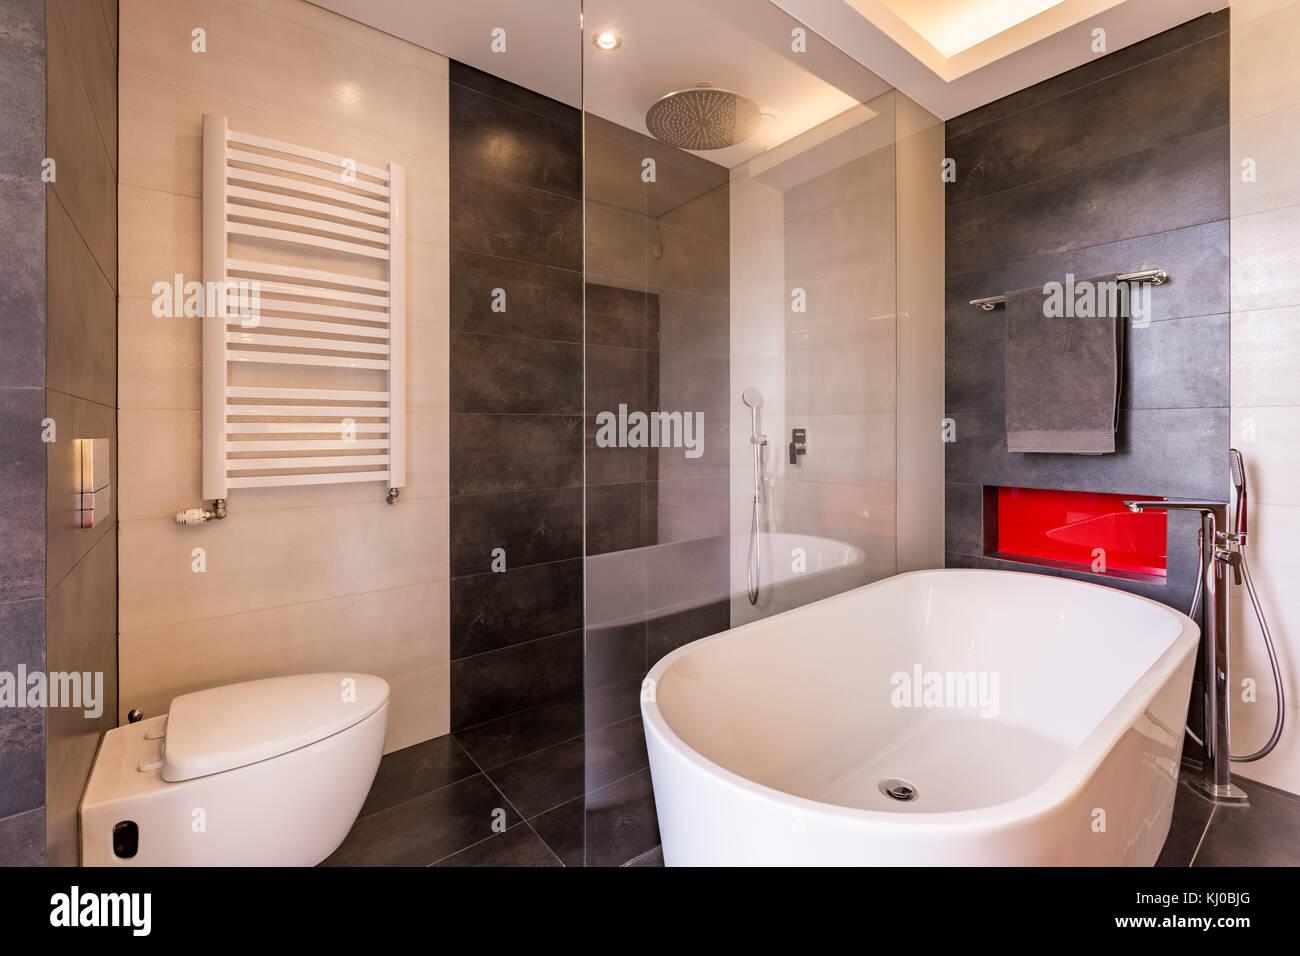 Bagno con piastrelle moderne vasca da bagno doccia e wc foto